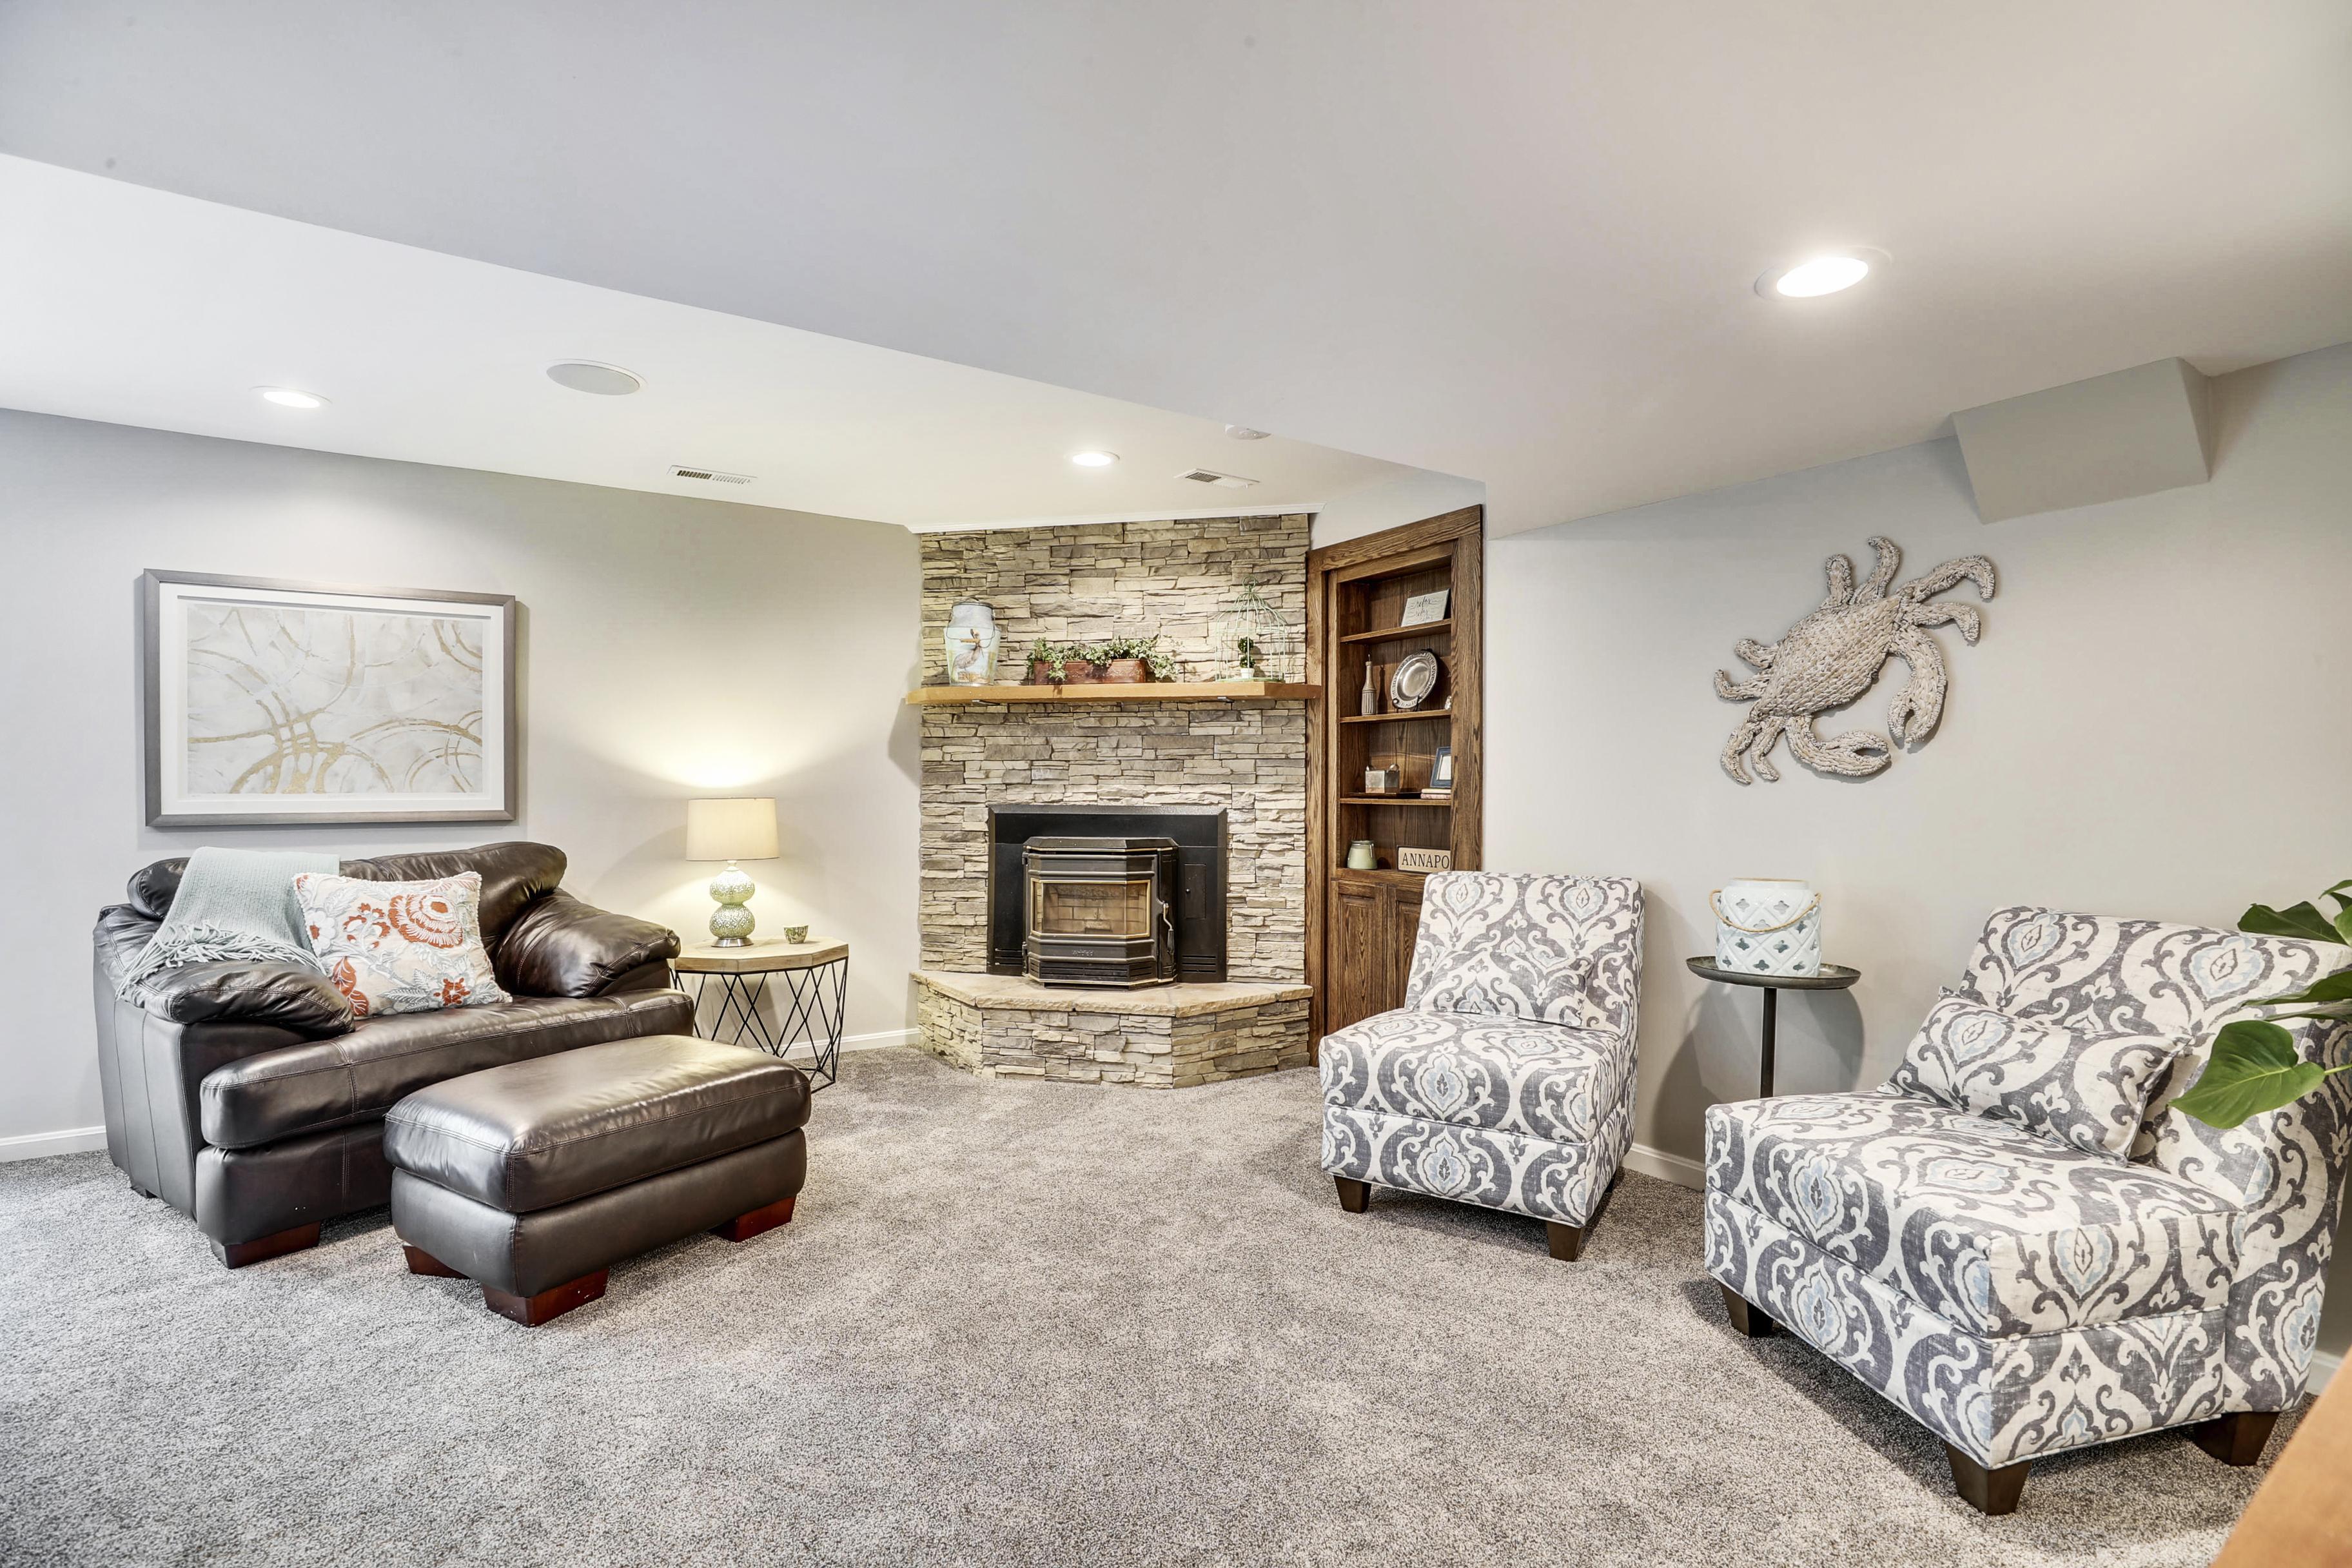 Interior-Living Area-12I6862